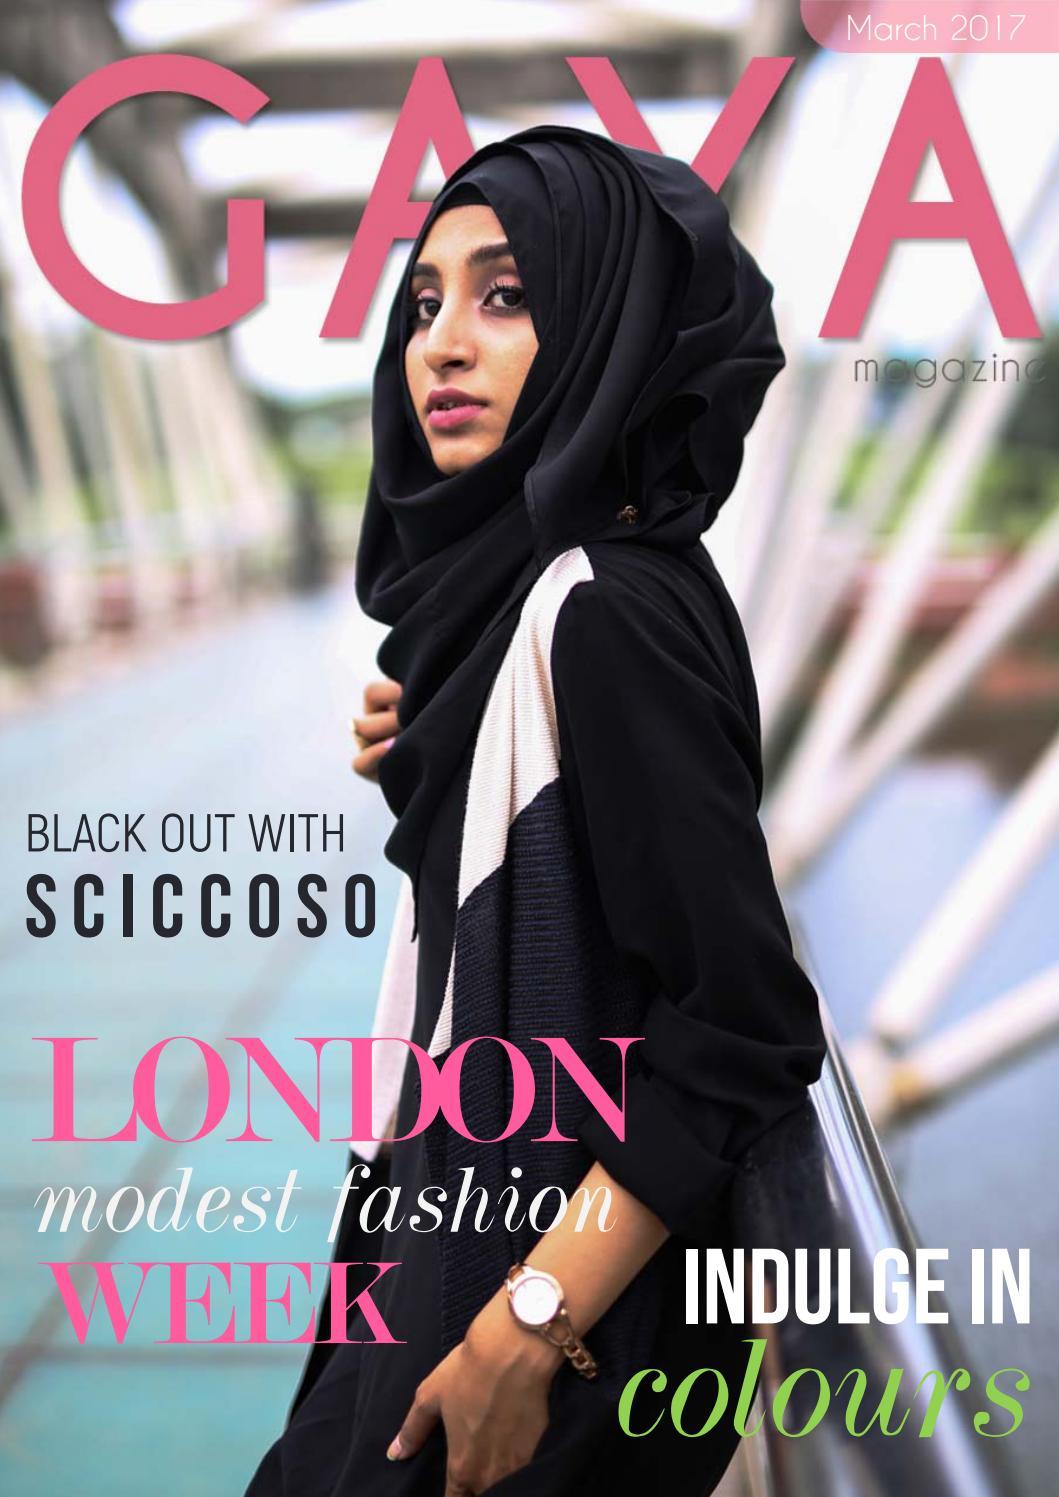 d10c5ff4af69f Gaya Magazine March 2017 - Hijab & Modest Fashion for today's Muslim woman  by GAYA Magazine - issuu